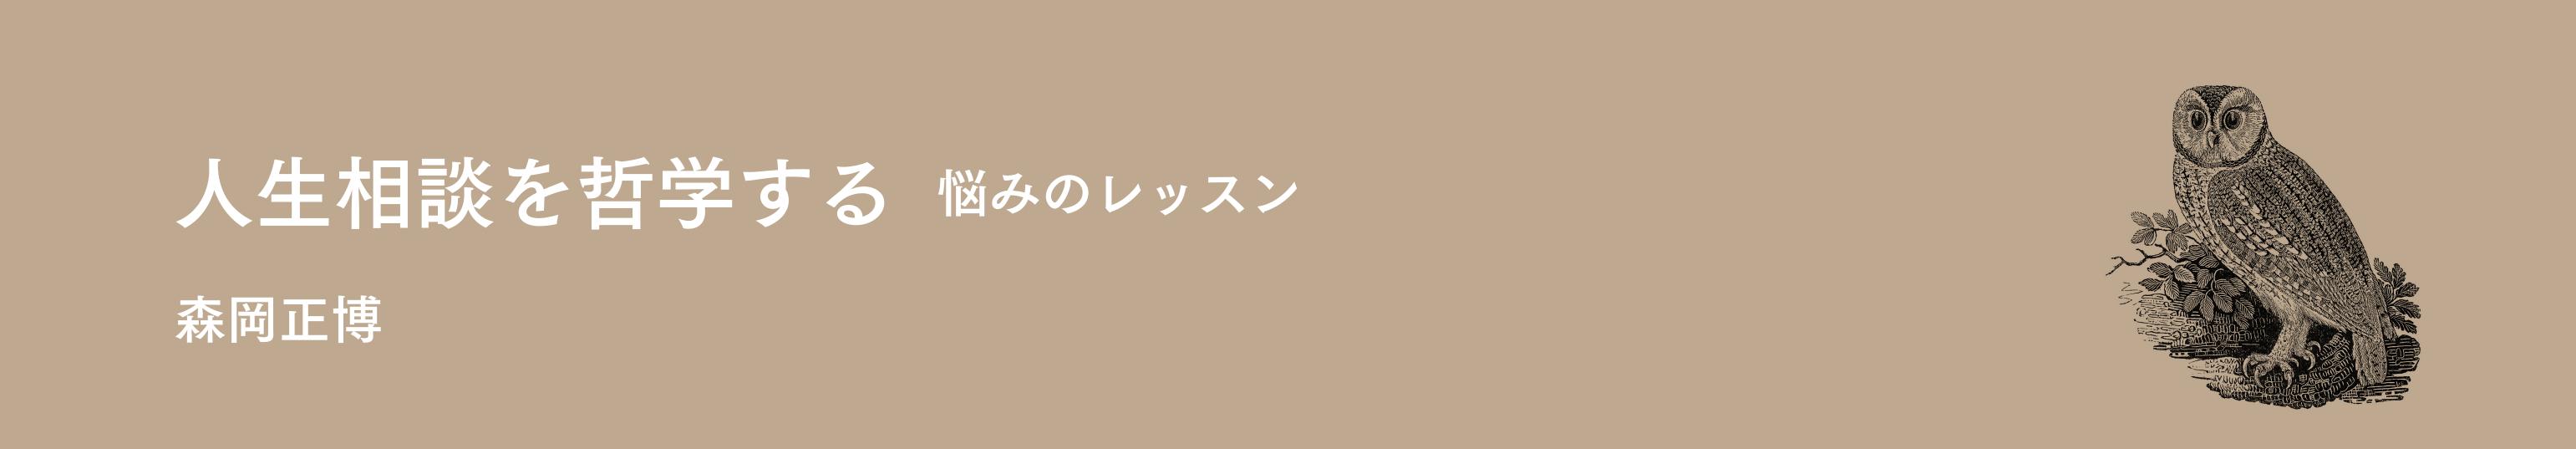 人生相談を哲学する 悩みのレッスン / 森岡正博